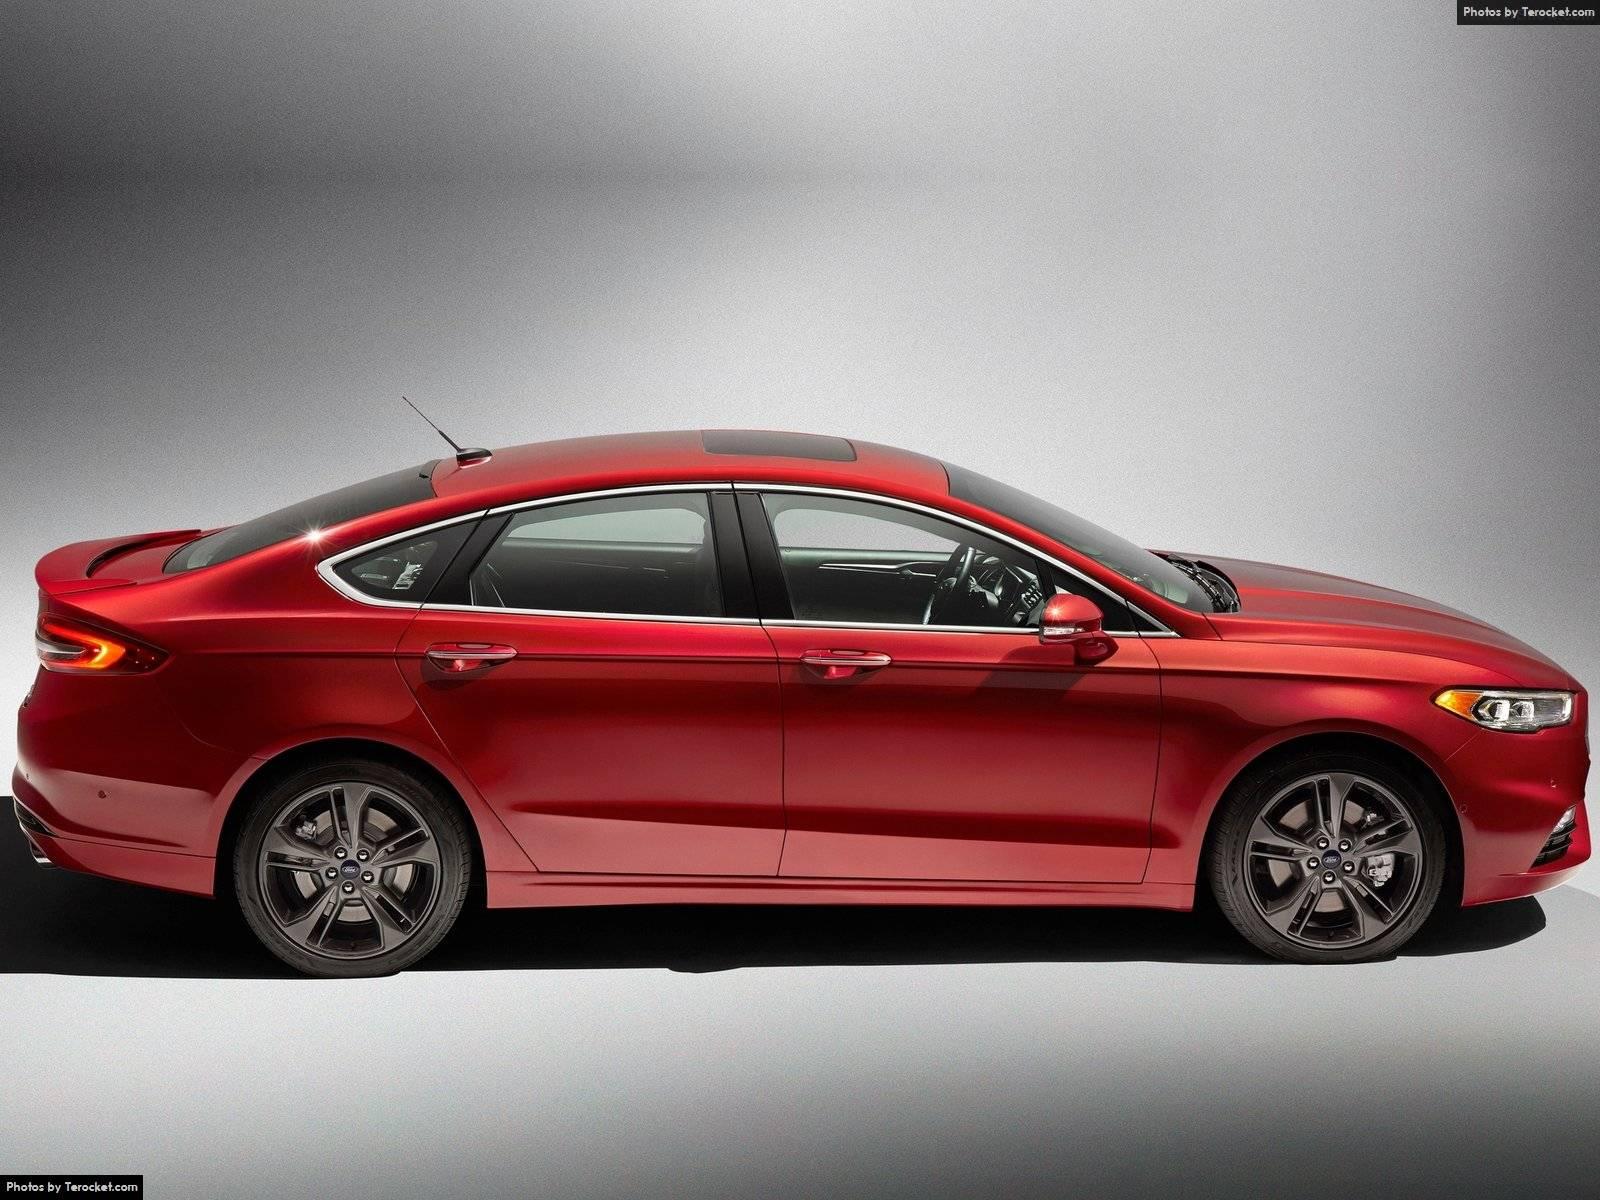 Hình ảnh xe ô tô Ford Fusion V6 Sport 2017 & nội ngoại thất